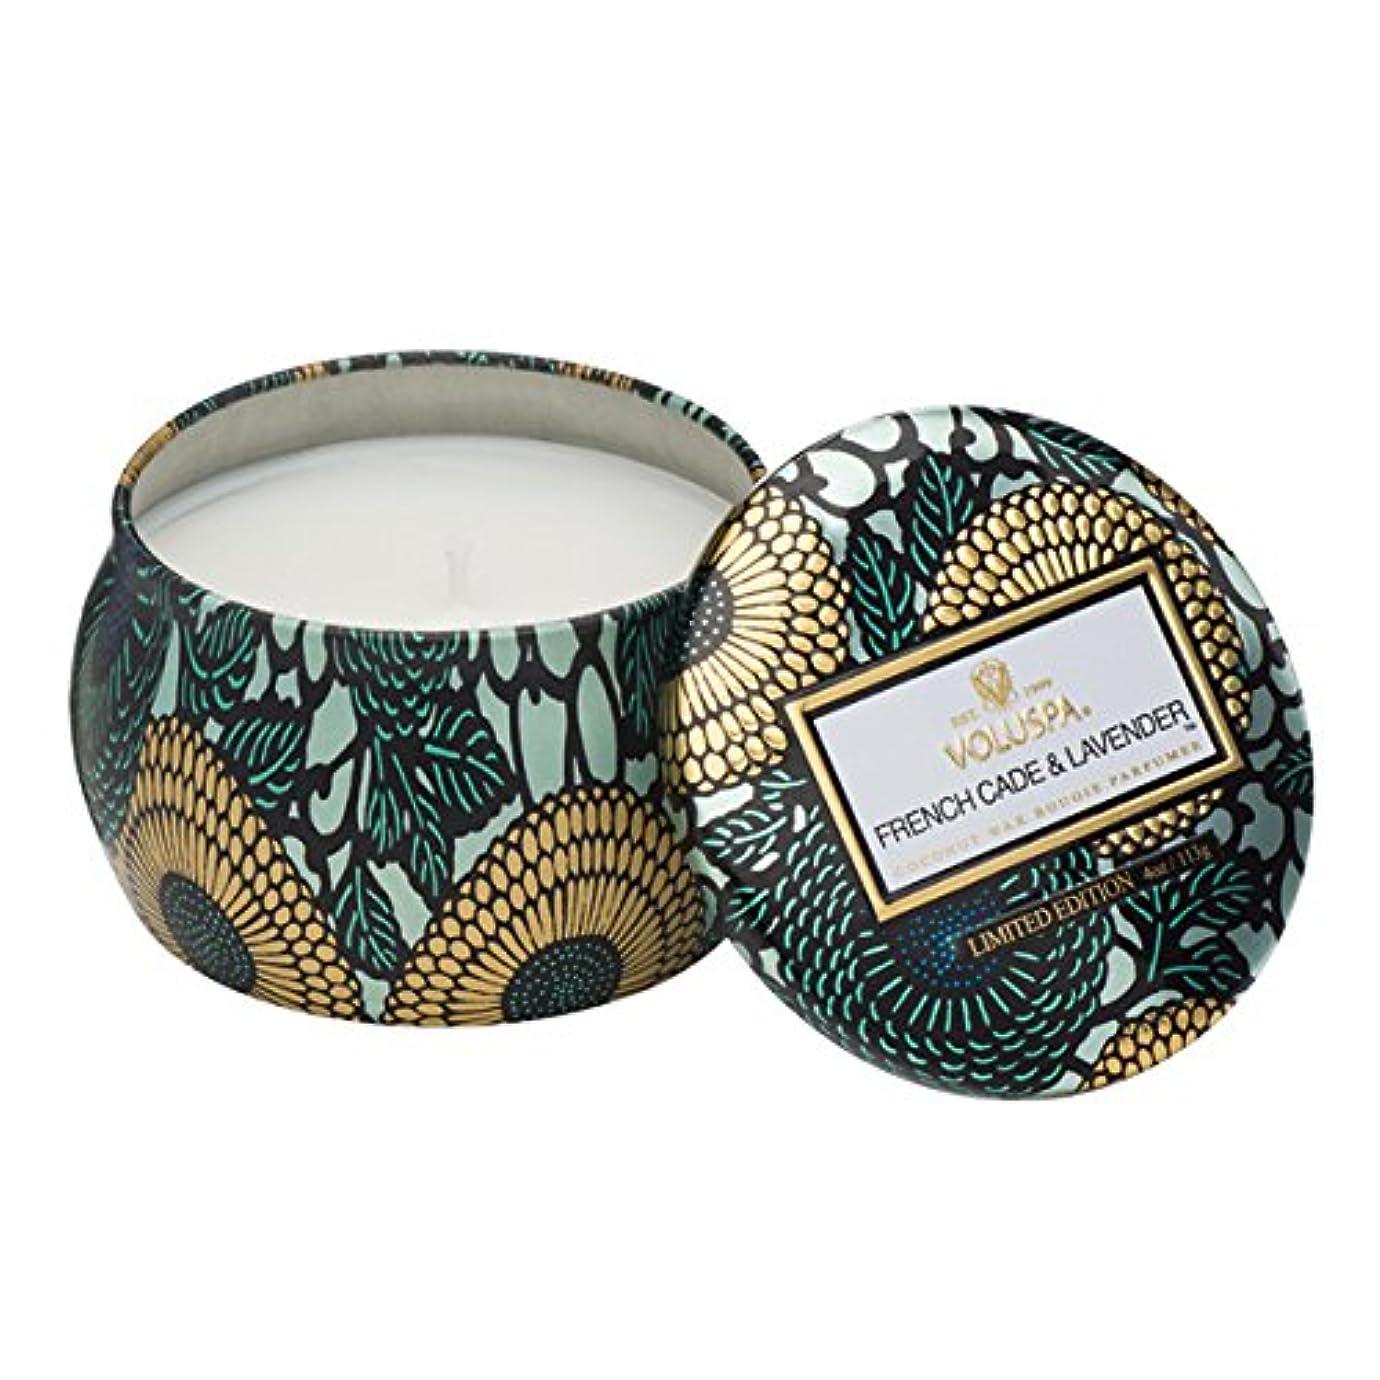 繕う勝つティーンエイジャーVoluspa ボルスパ ジャポニカ リミテッド ティンキャンドル  S フレンチケード&ラベンダー FRENCH CADE LAVENDER  JAPONICA Limited PETITE Tin Glass Candle